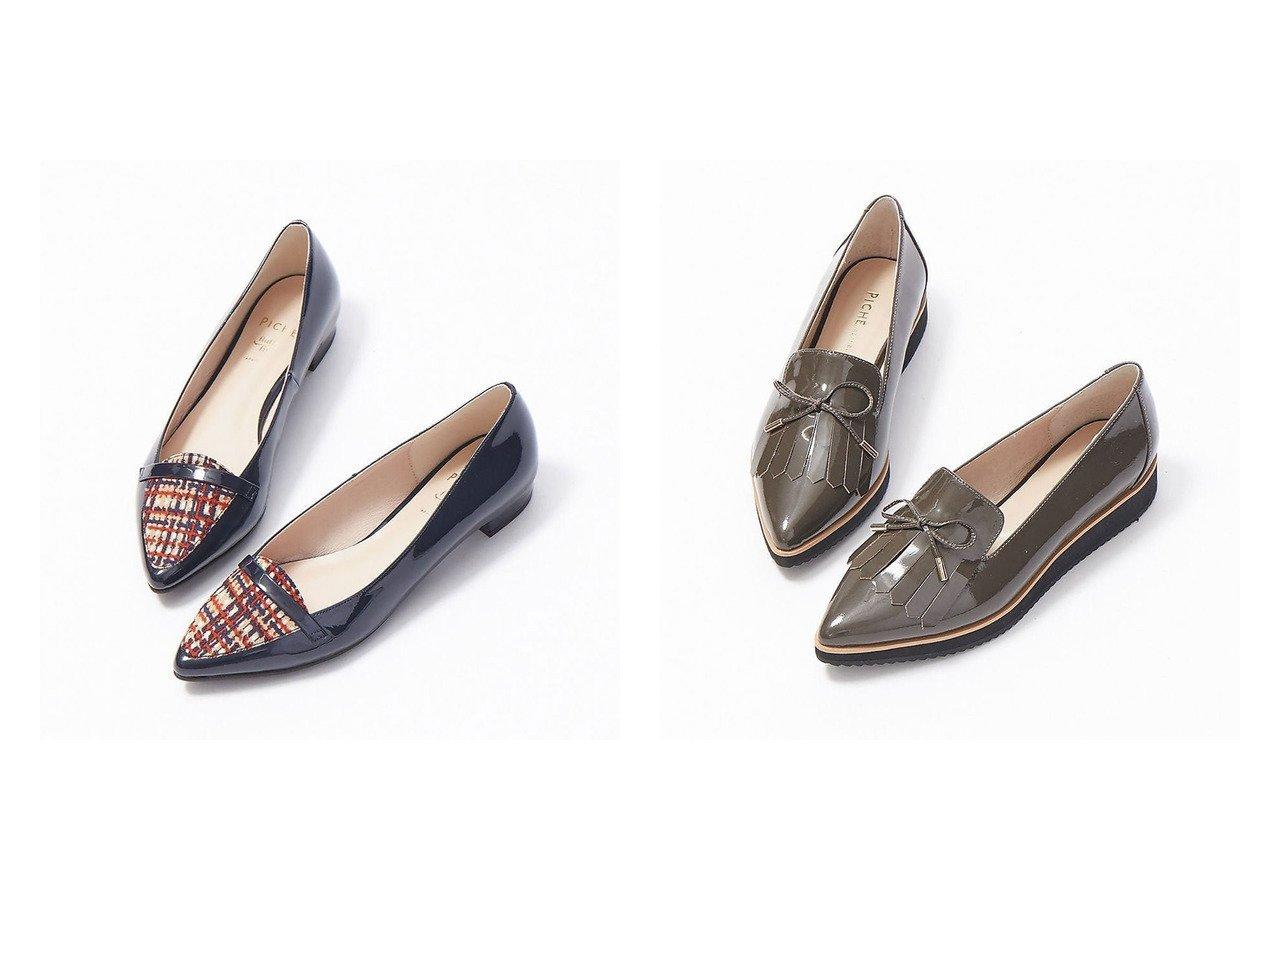 【Piche Abahouse/ピシェ アバハウス】のEVAオペラキルトシューズ&fluffy fit ローファーフラットパンプス シューズ・靴のおすすめ!人気、トレンド・レディースファッションの通販 おすすめで人気の流行・トレンド、ファッションの通販商品 メンズファッション・キッズファッション・インテリア・家具・レディースファッション・服の通販 founy(ファニー) https://founy.com/ ファッション Fashion レディースファッション WOMEN インソール クッション シルバー チェック フラット ベーシック A/W 秋冬 AW Autumn/Winter / FW Fall-Winter シューズ 軽量  ID:crp329100000016110